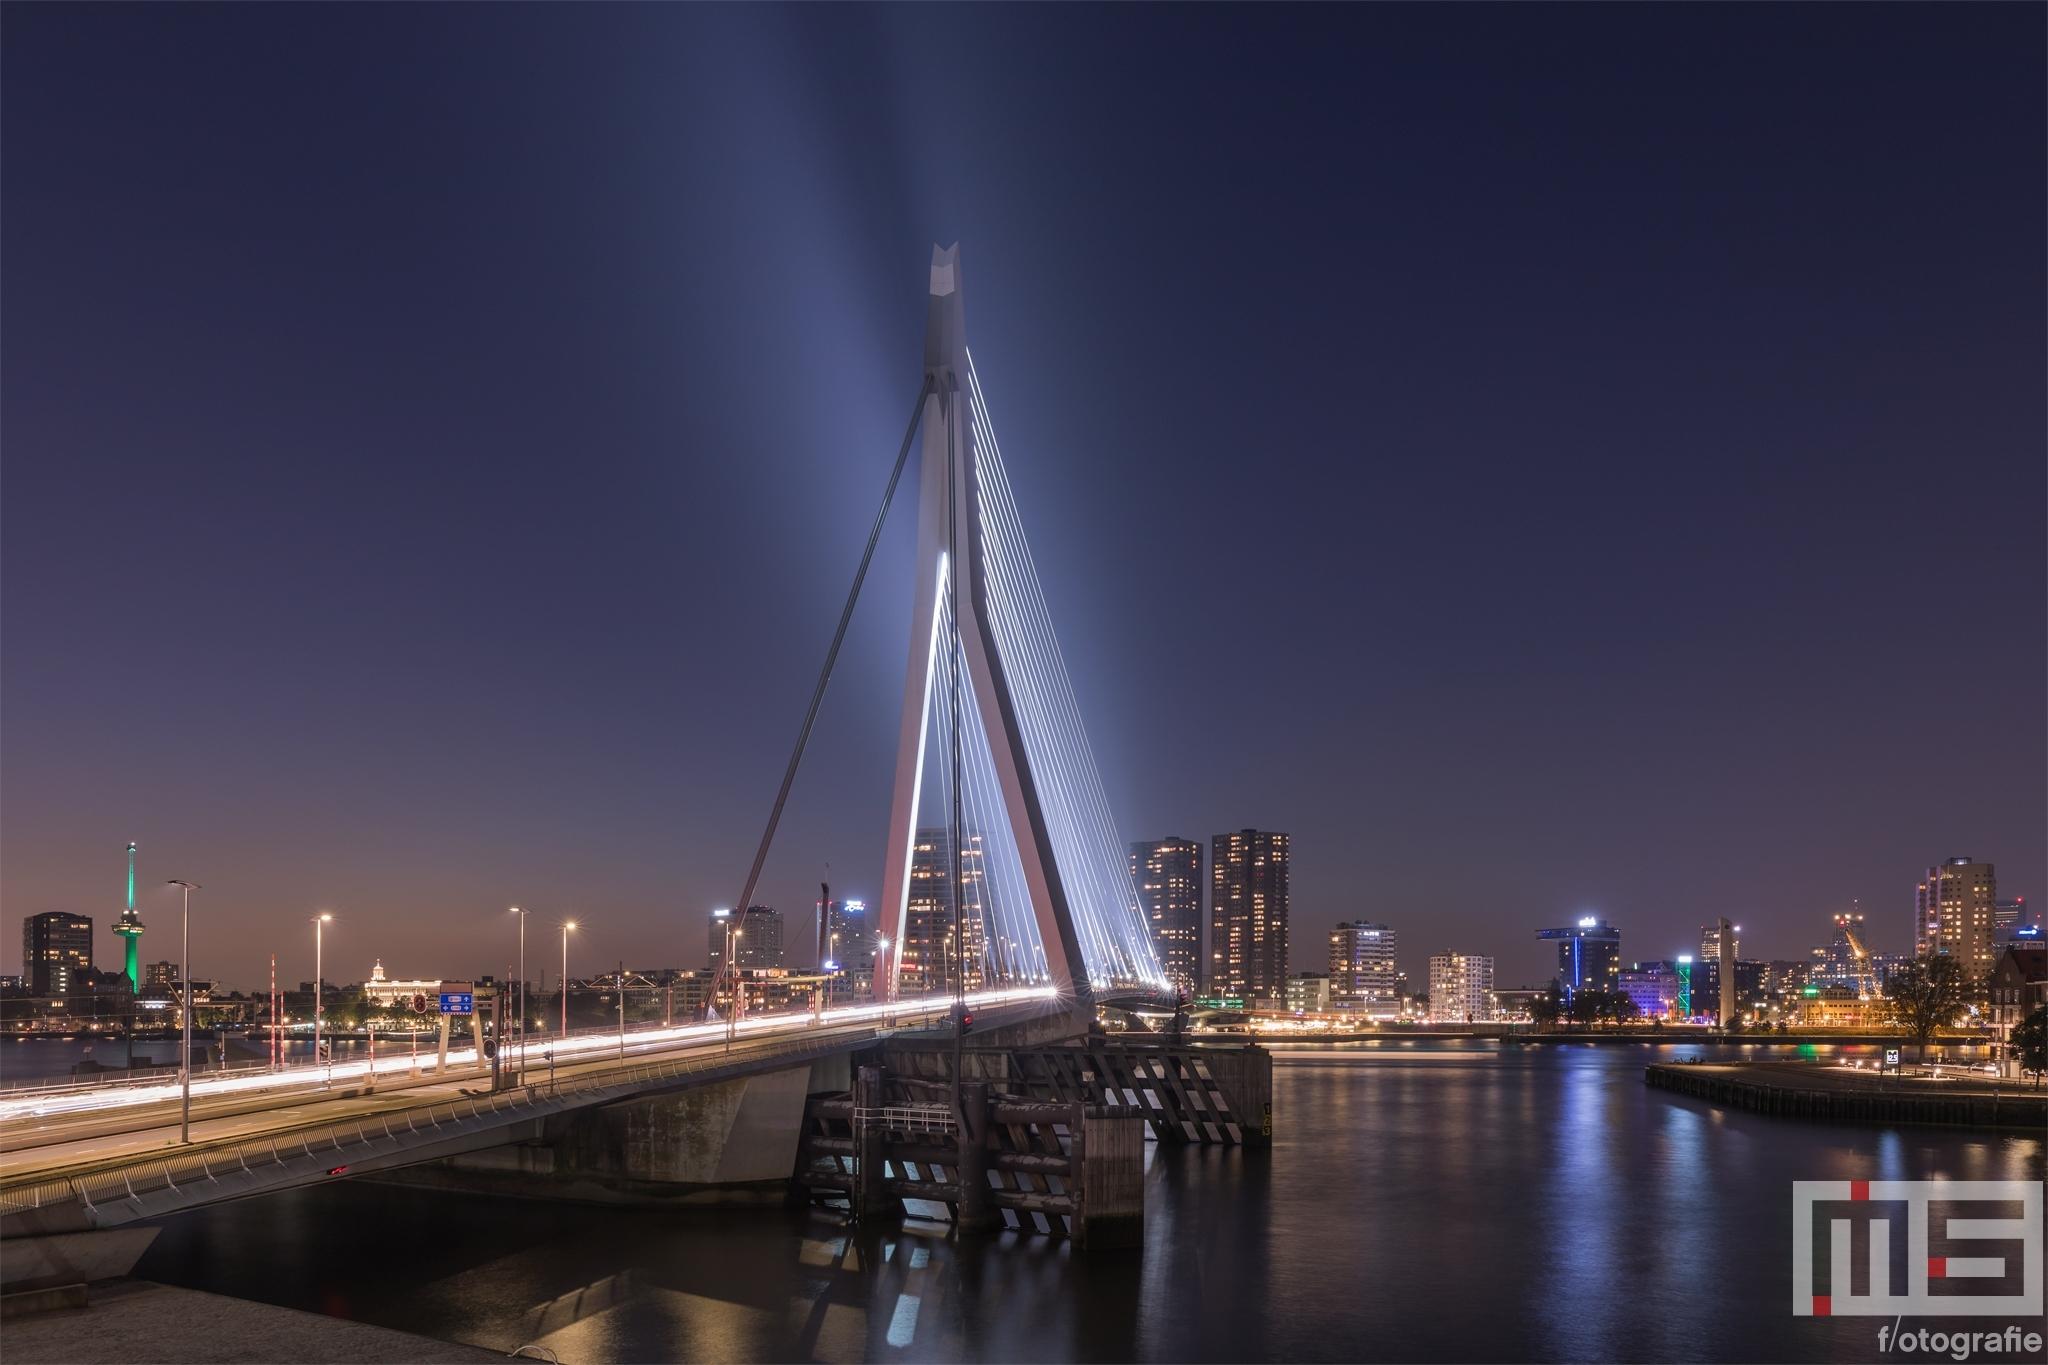 Te Koop | De Erasmusbrug in Rotterdam tijdens het blauwe uurtje in Rotterdam